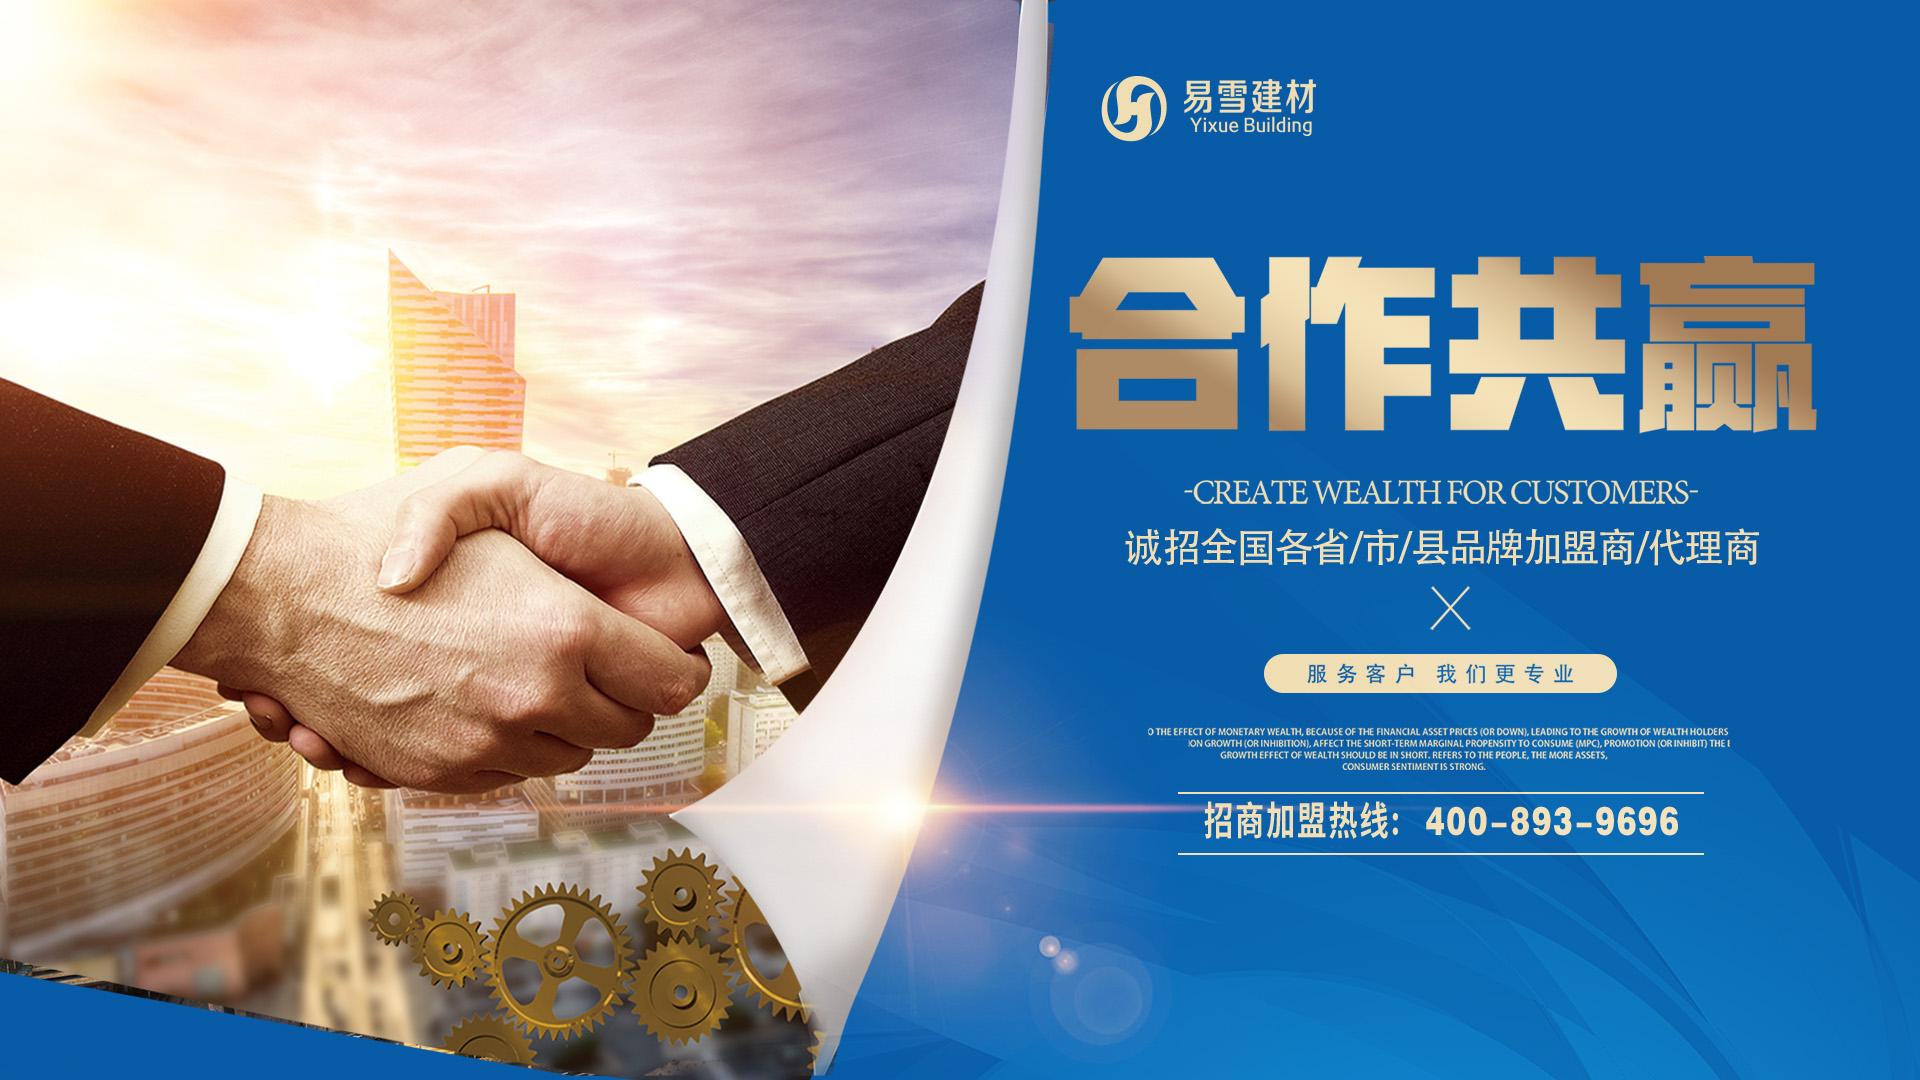 北京戒赌交流群贴吧戒赌交流群贴吧怎么样有限公司招商加盟启事